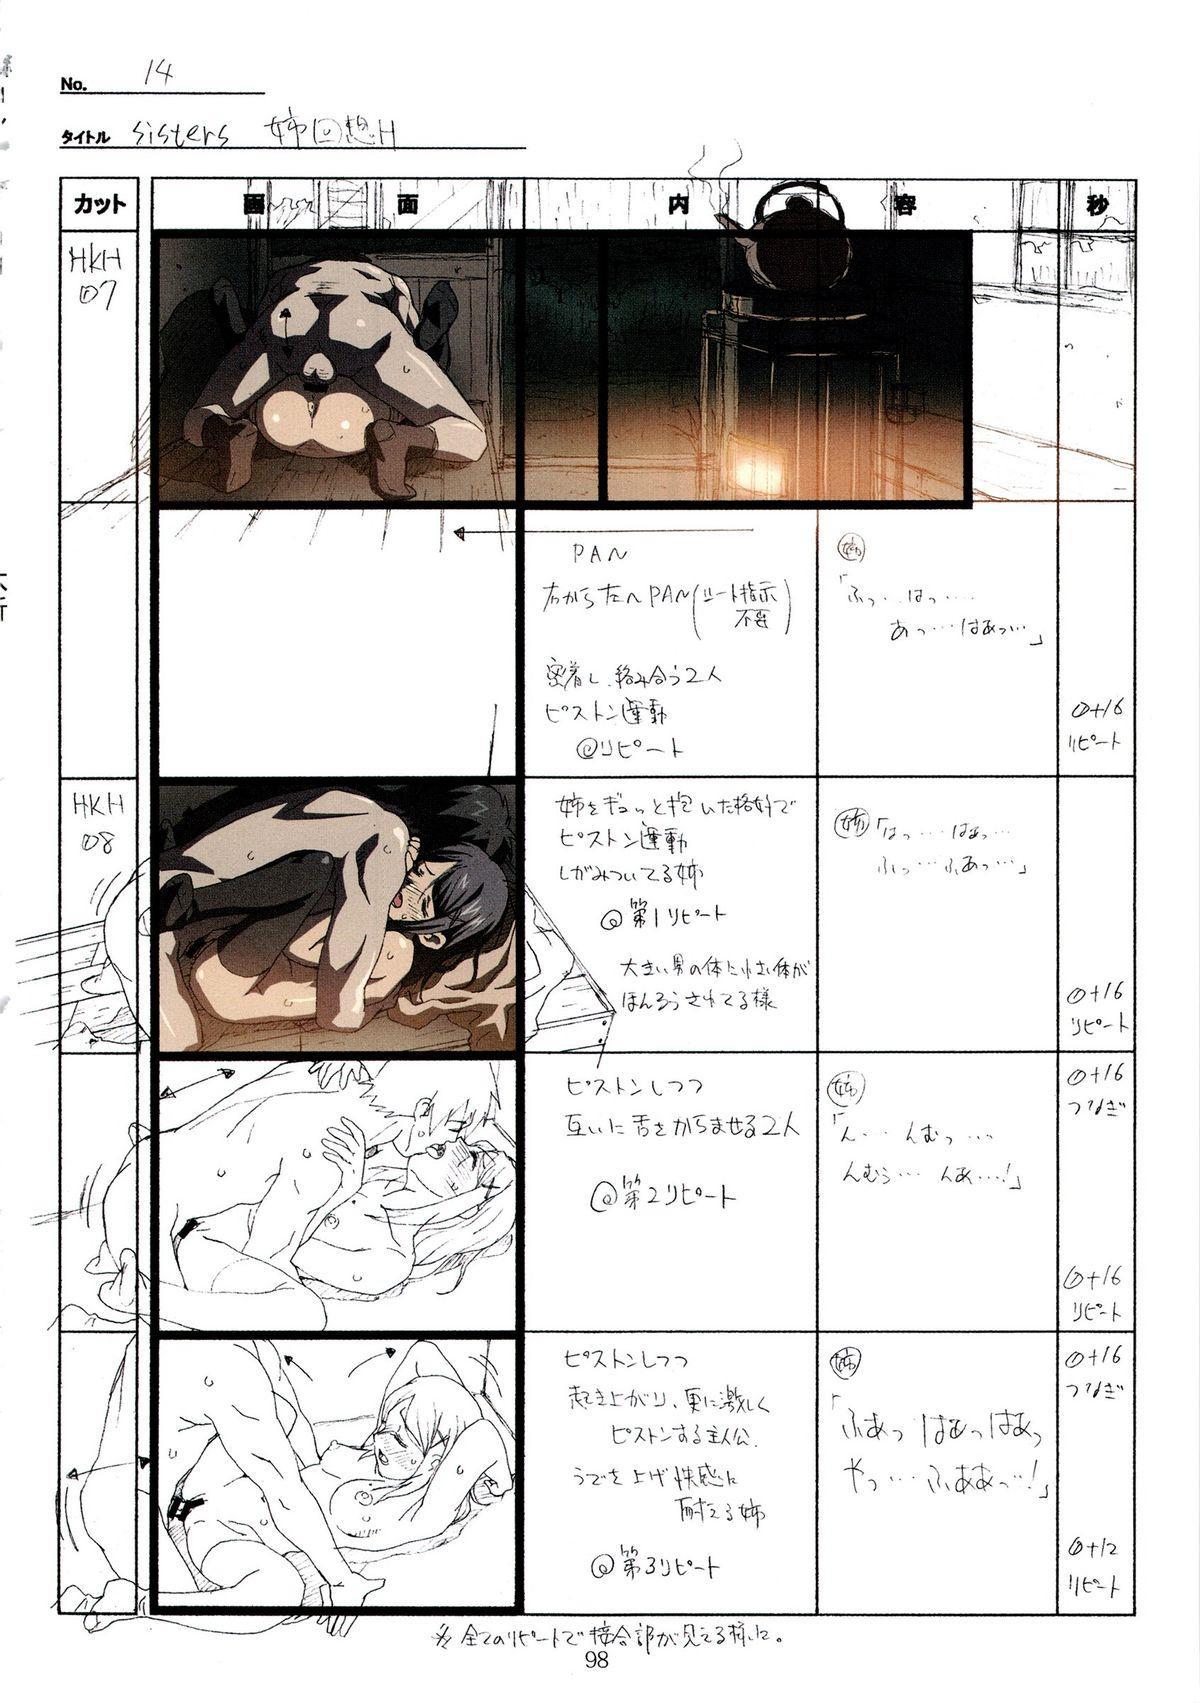 (C89) [Makino Jimusho (Taki Minashika)] SISTERS -Natsu no Saigo no Hi- H Scene All Part Storyboard (SISTERS -Natsu no Saigo no Hi-) 97